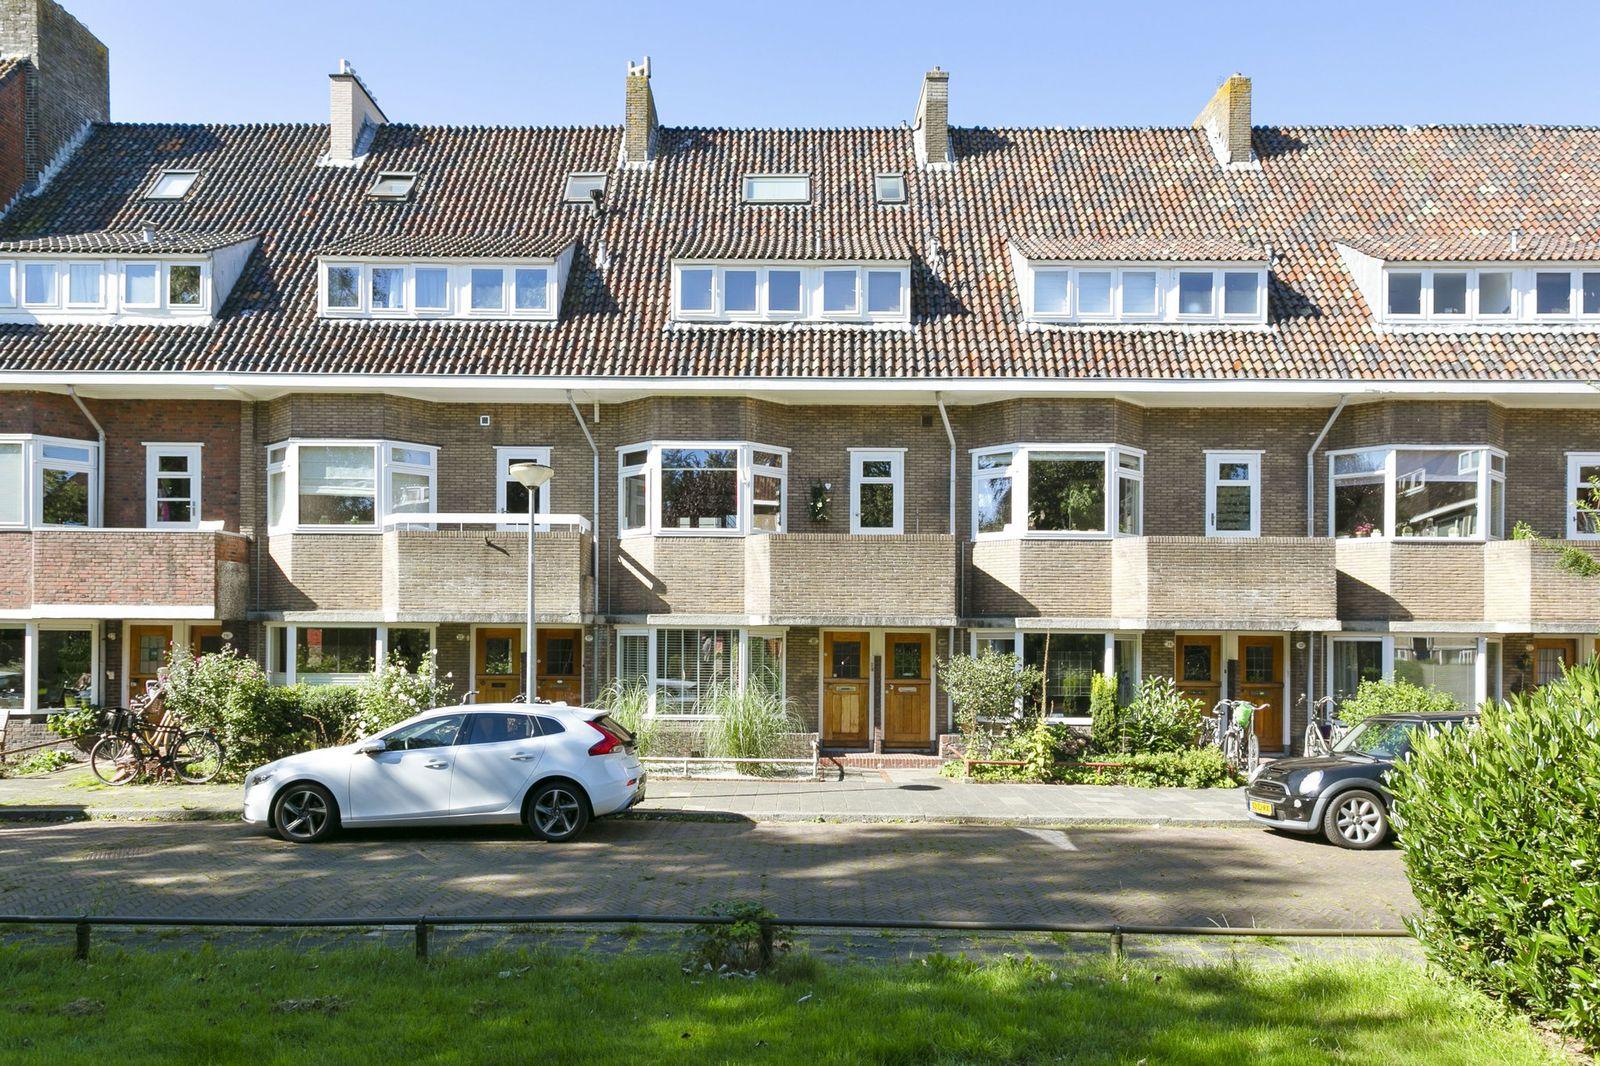 De Ranitzstraat 15a, Groningen